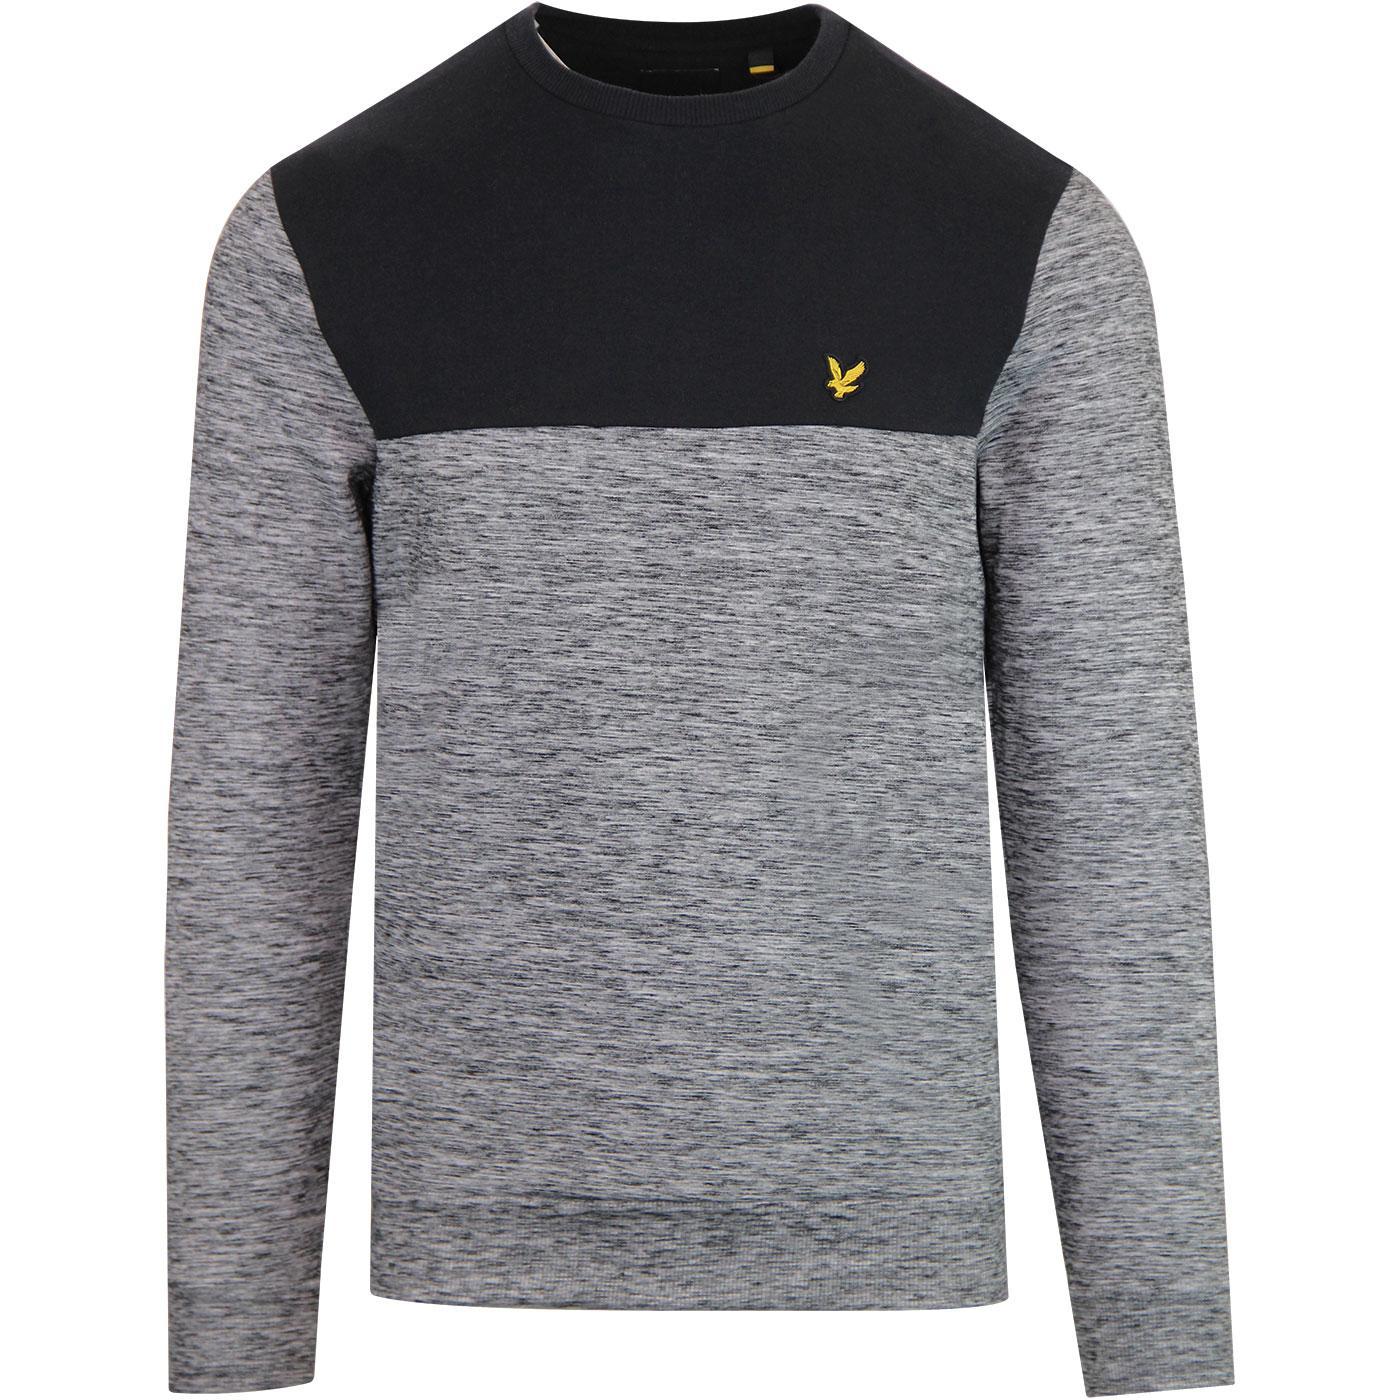 LYLE & SCOTT Retro Space Dye Sweatshirt TRUE BLACK